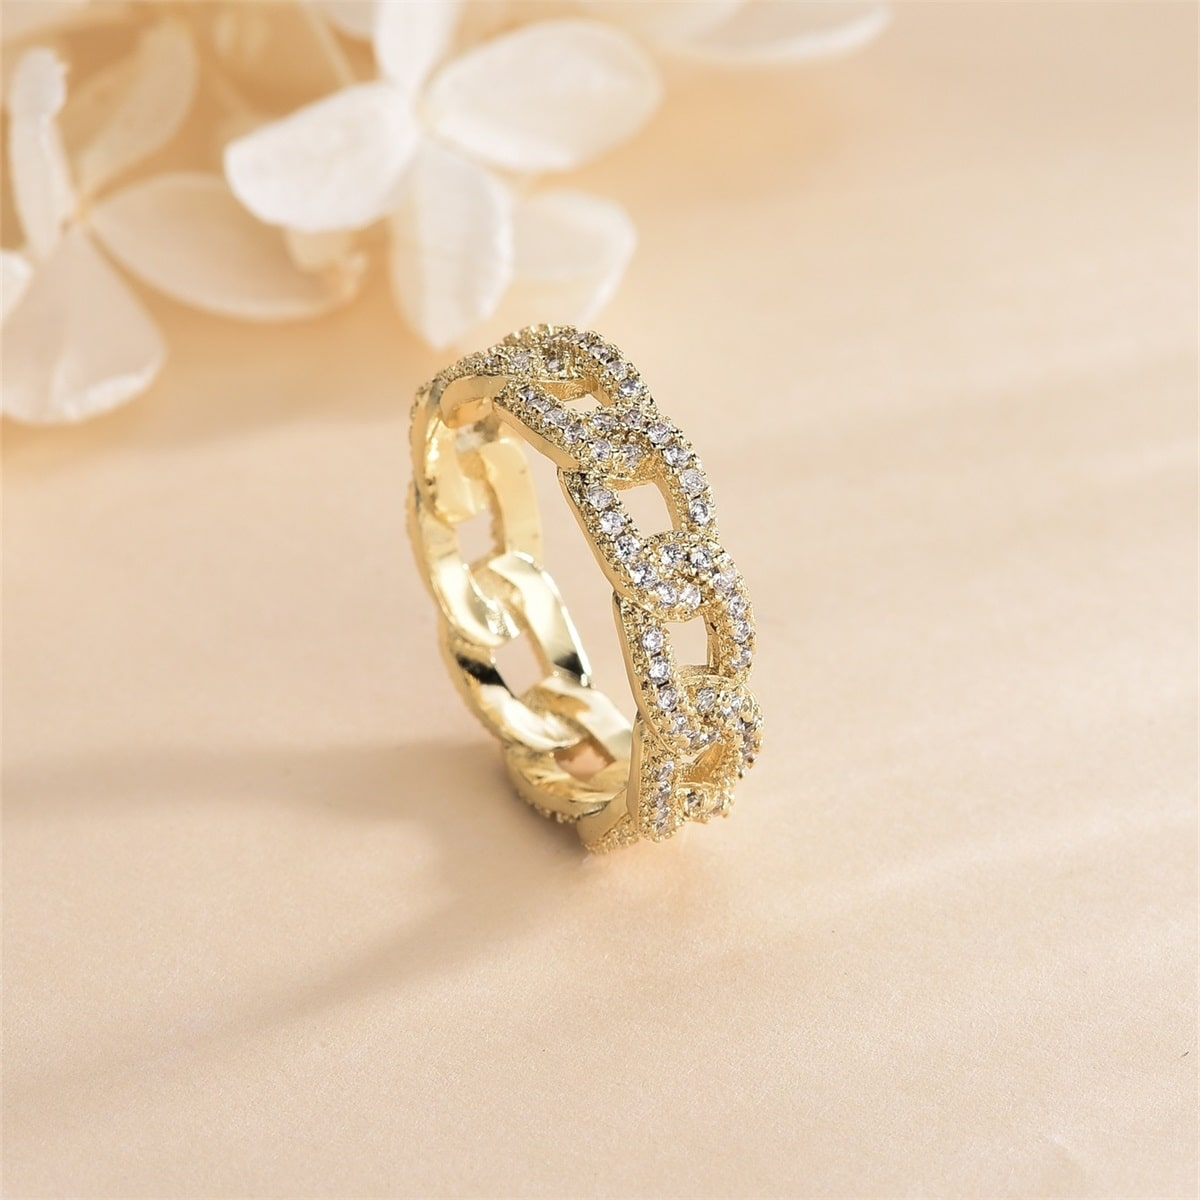 18K Позолоченное кольцо в форме цепи с цирконом